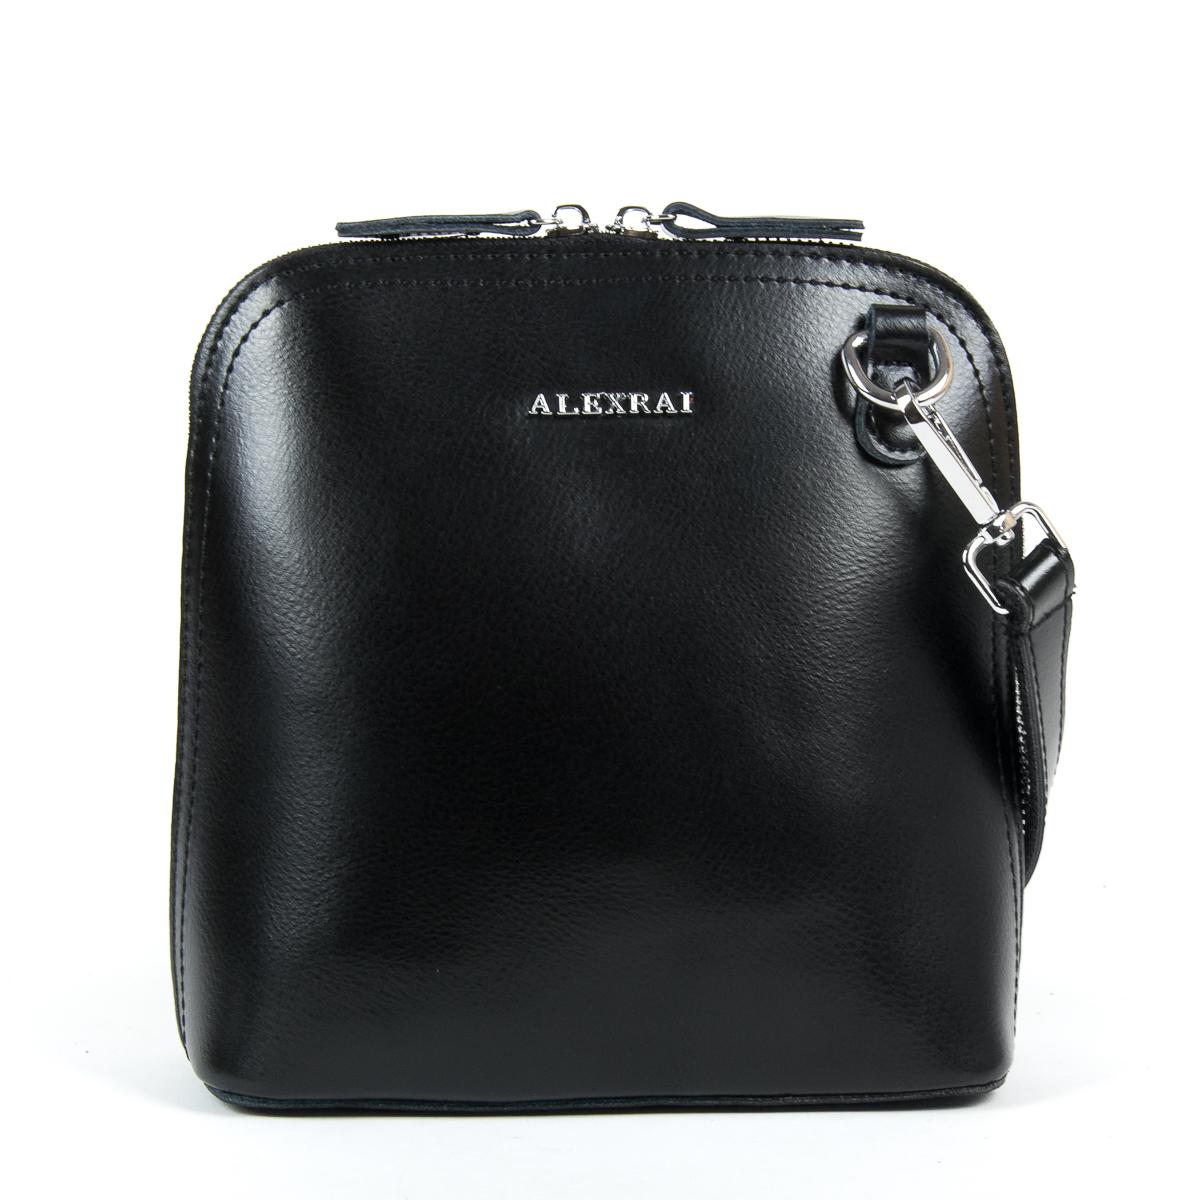 Сумка Женская Клатч кожа ALEX RAI 9-01 8803 black